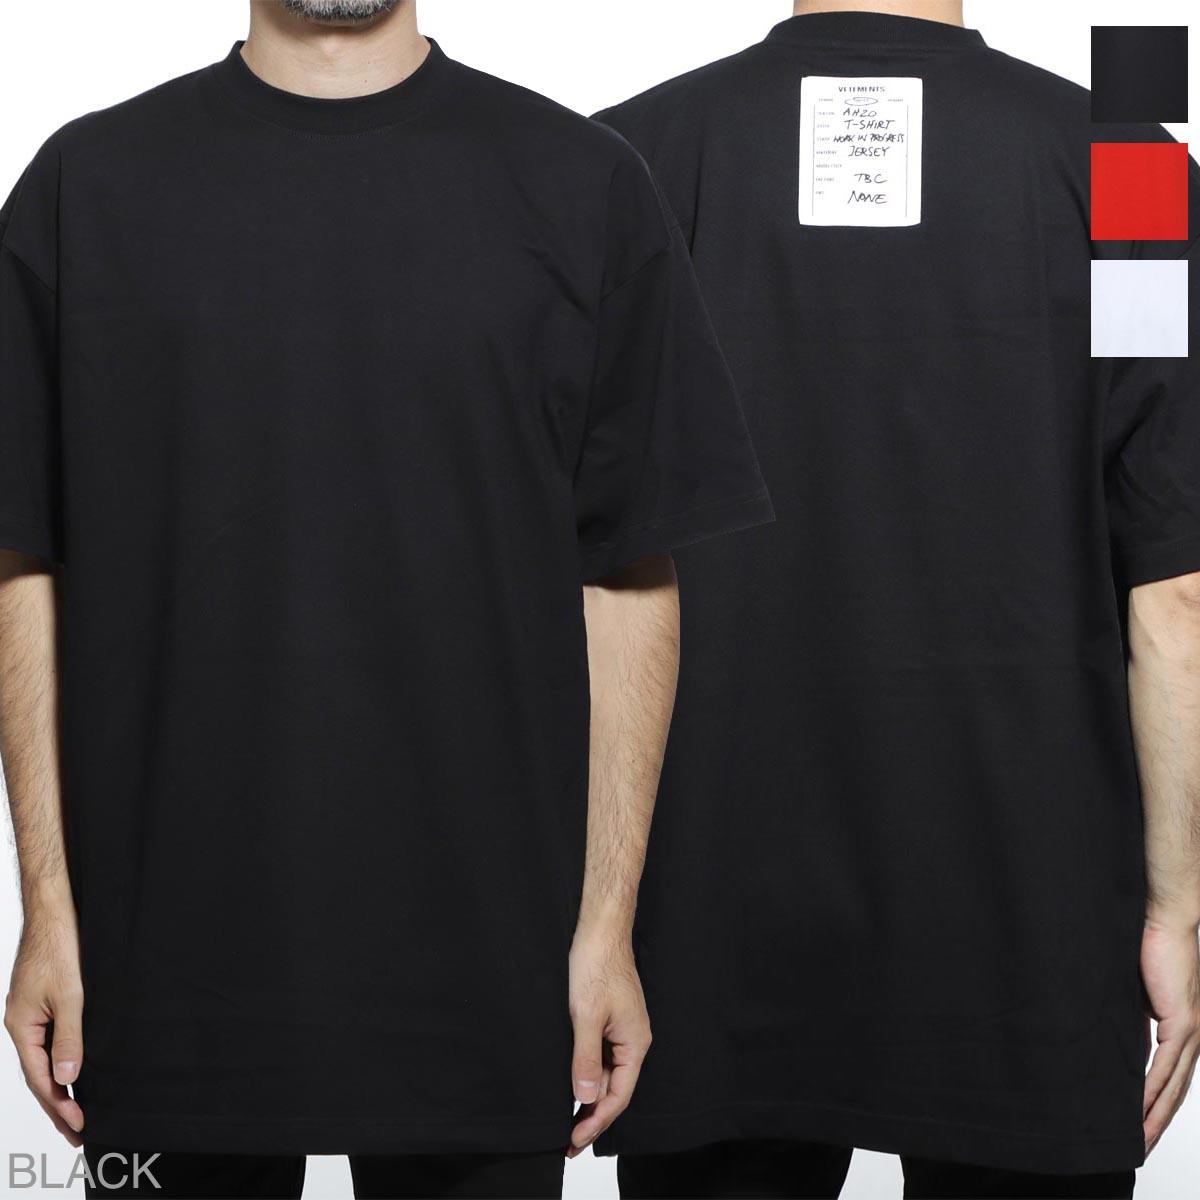 ヴェトモン VETEMENTS クルーネック 半袖Tシャツ メンズ uah20tr636 black ATELIER PATCH T-SHIRT【あす楽対応_関東】【返品送料無料】【ラッピング無料】